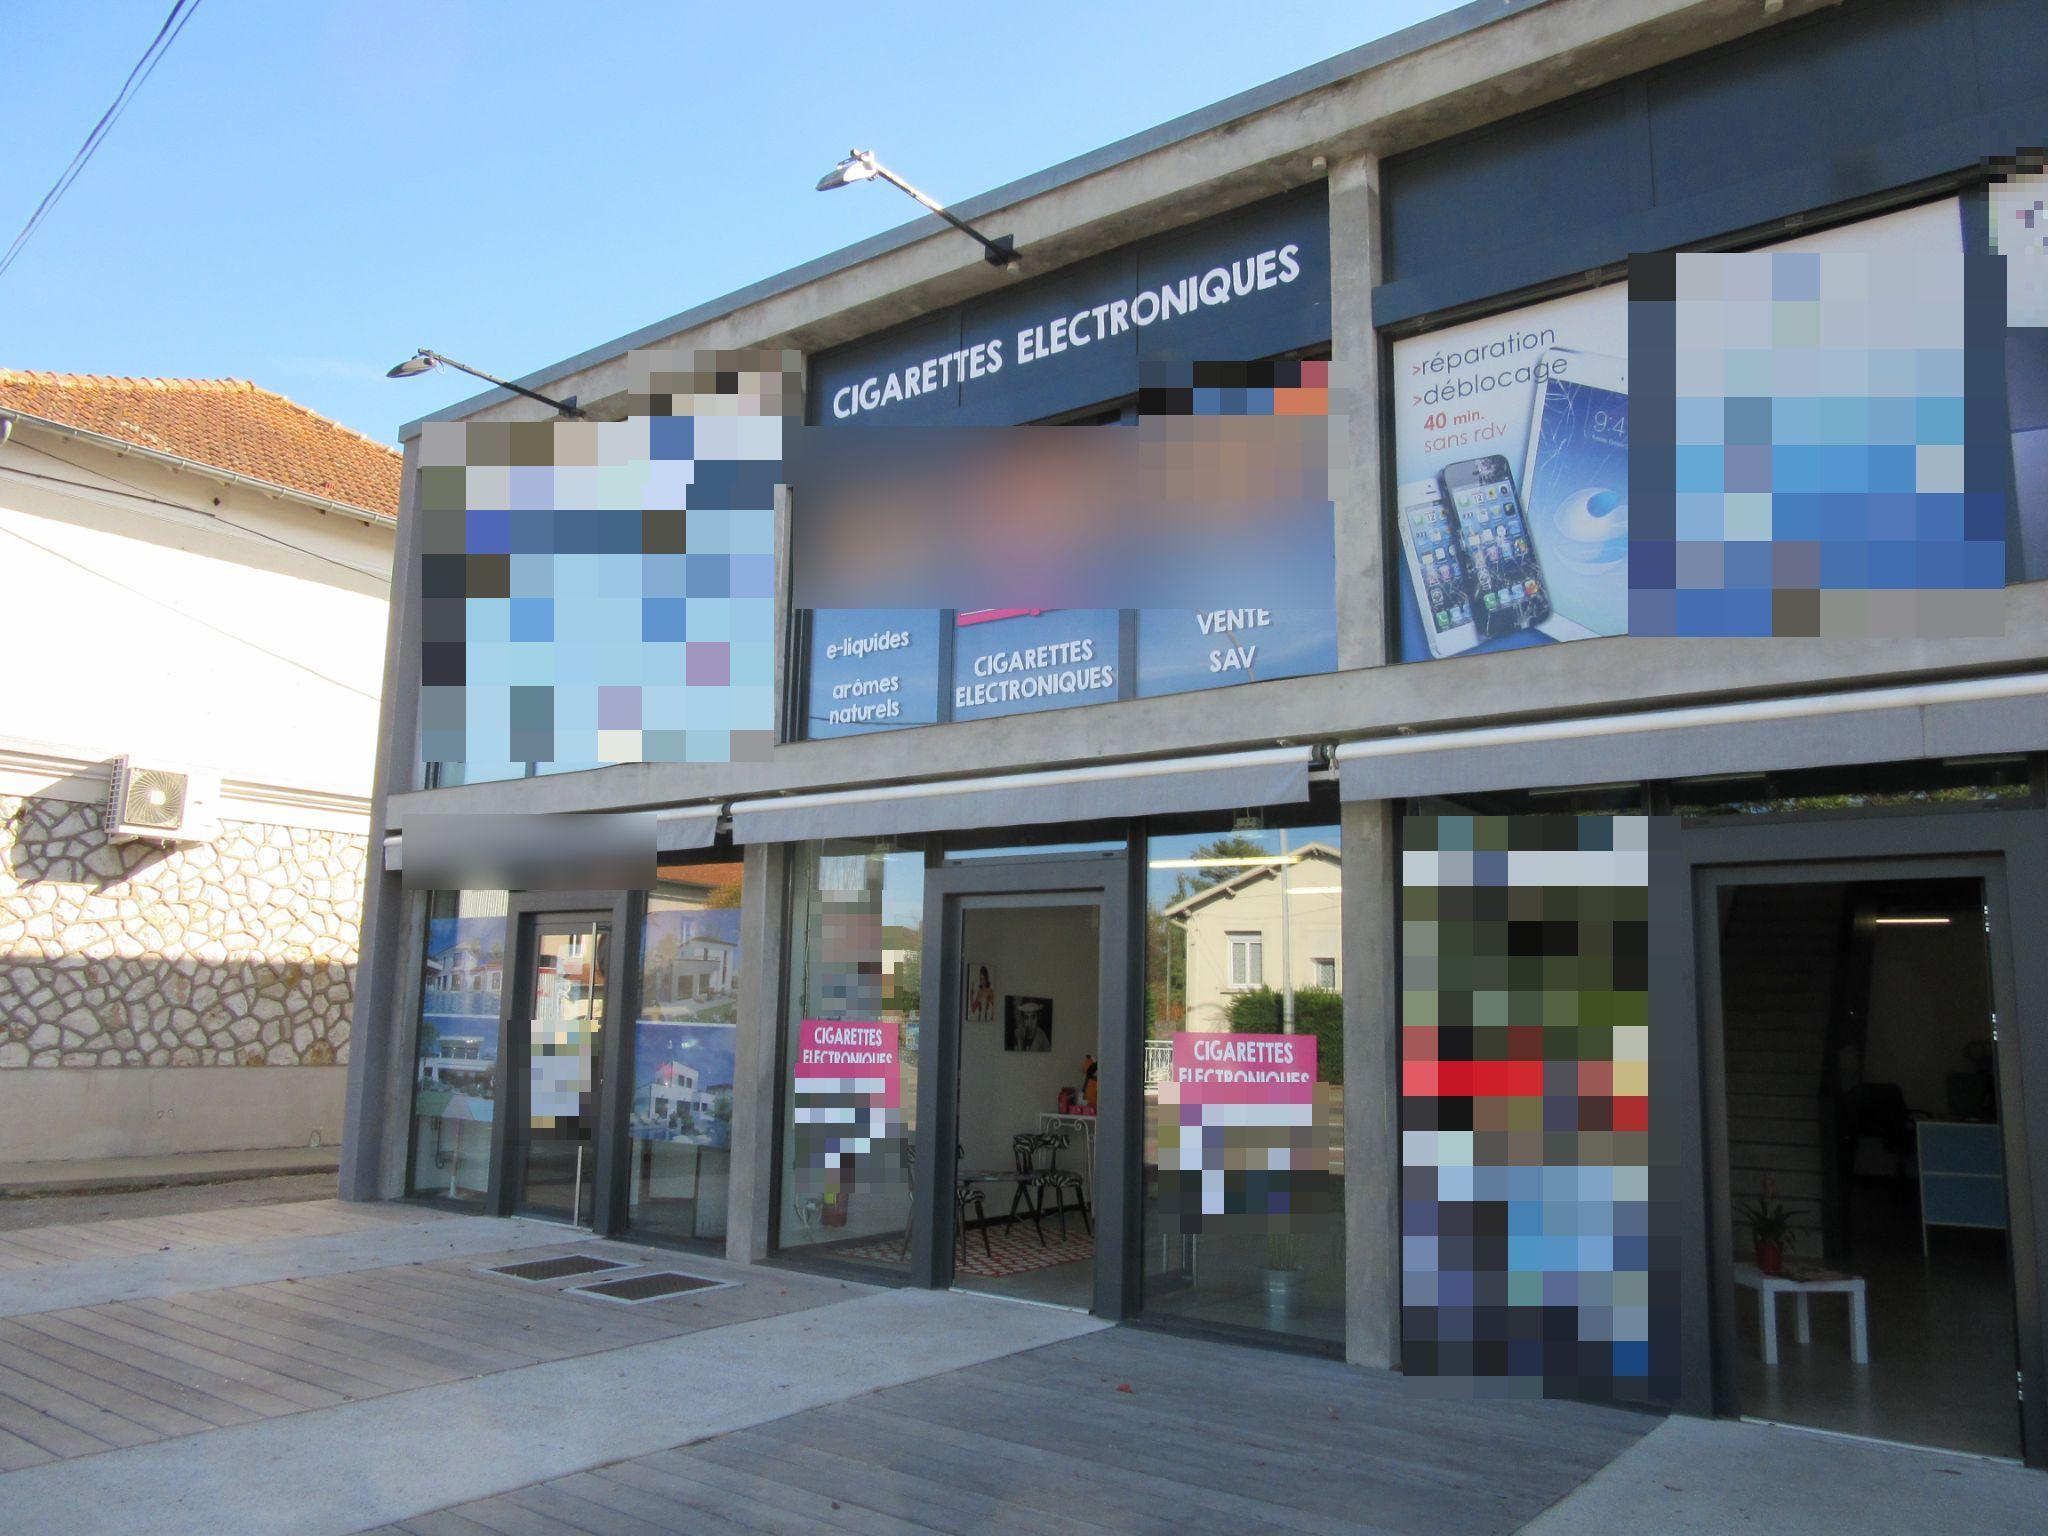 Vente Cigarettes électroniques - 2 boutiques indépendantes à Montauban dans une zone commerciale (82000)